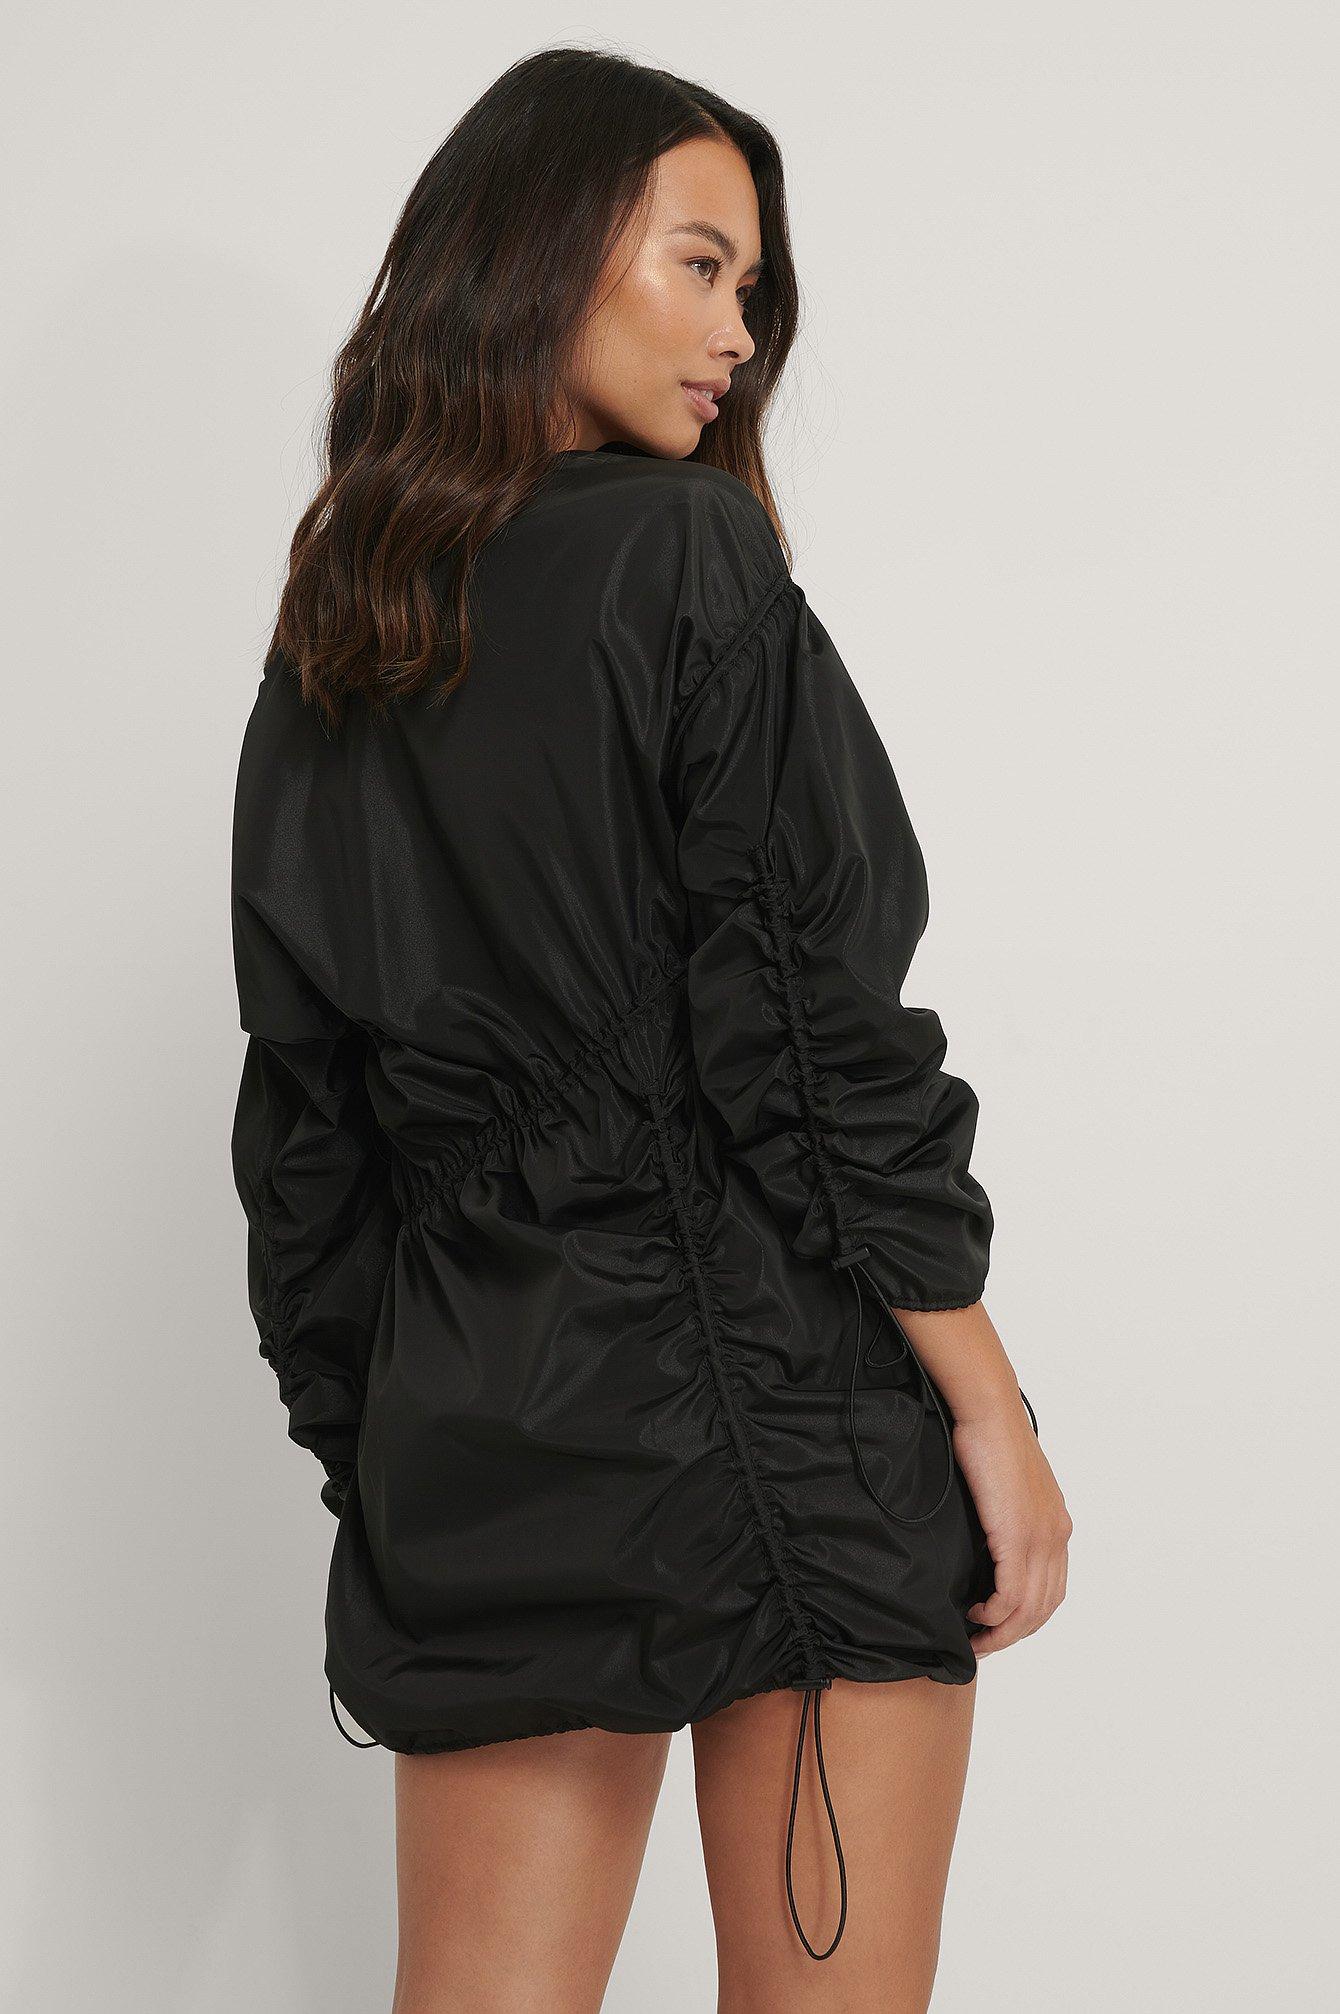 Black Miniklänning Med Dragsko